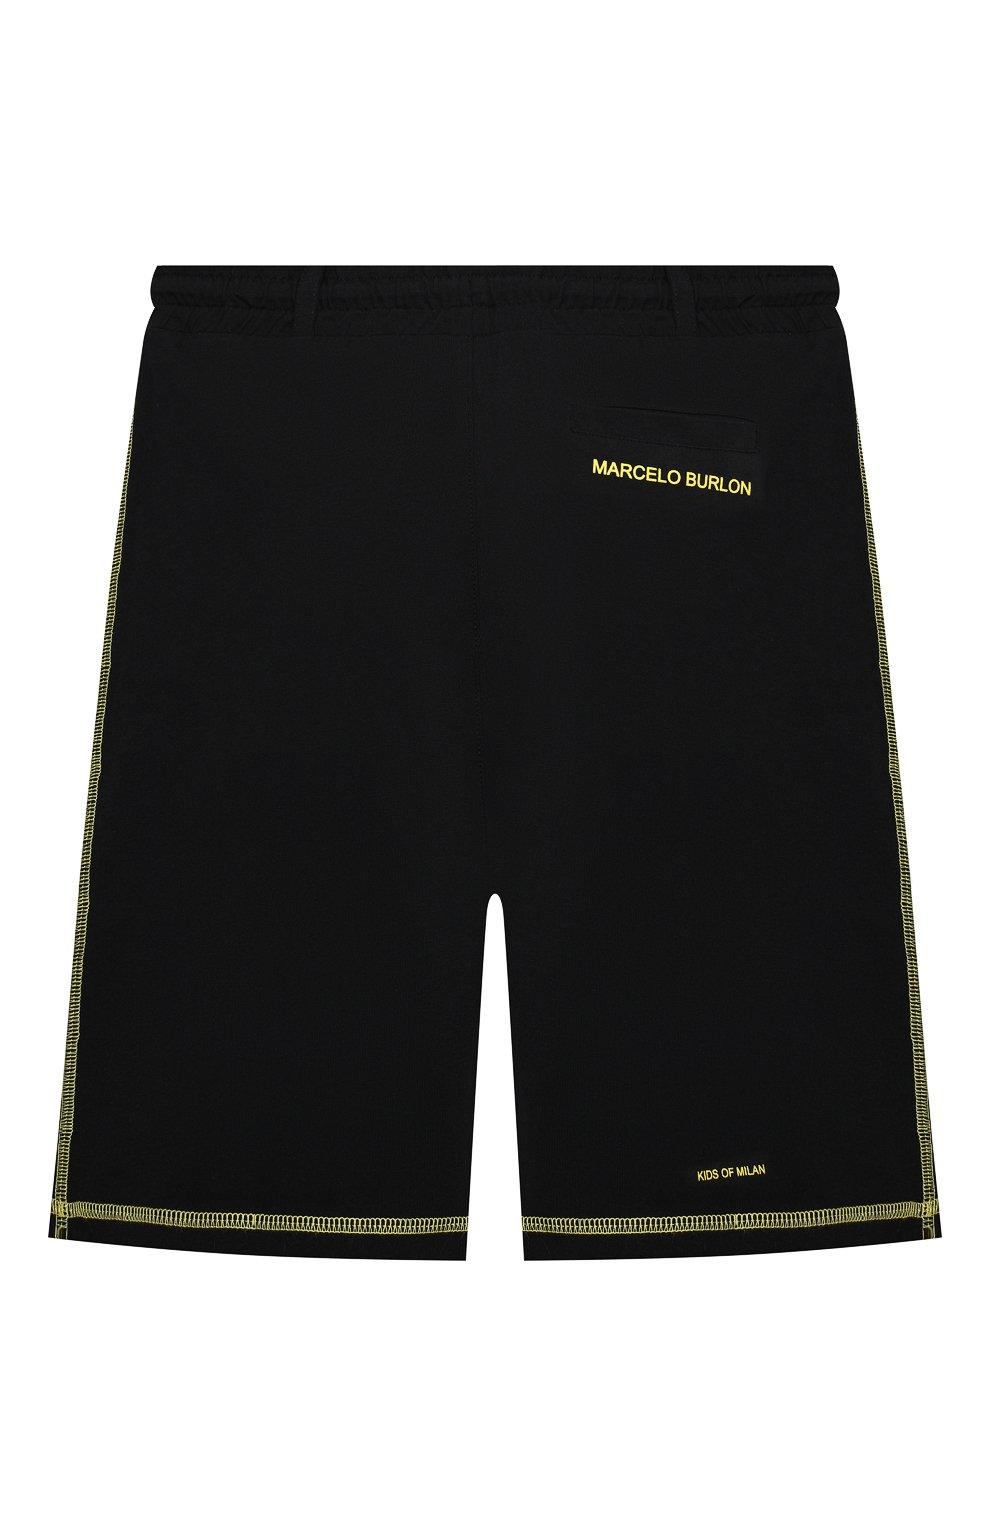 Детские хлопковые шорты MARCELO BURLON KIDS OF MILAN черного цвета, арт. 21E/B/MB/3252/0010/2-6Y | Фото 2 (Мальчики Кросс-КТ: Шорты-спорт; Материал внешний: Хлопок)